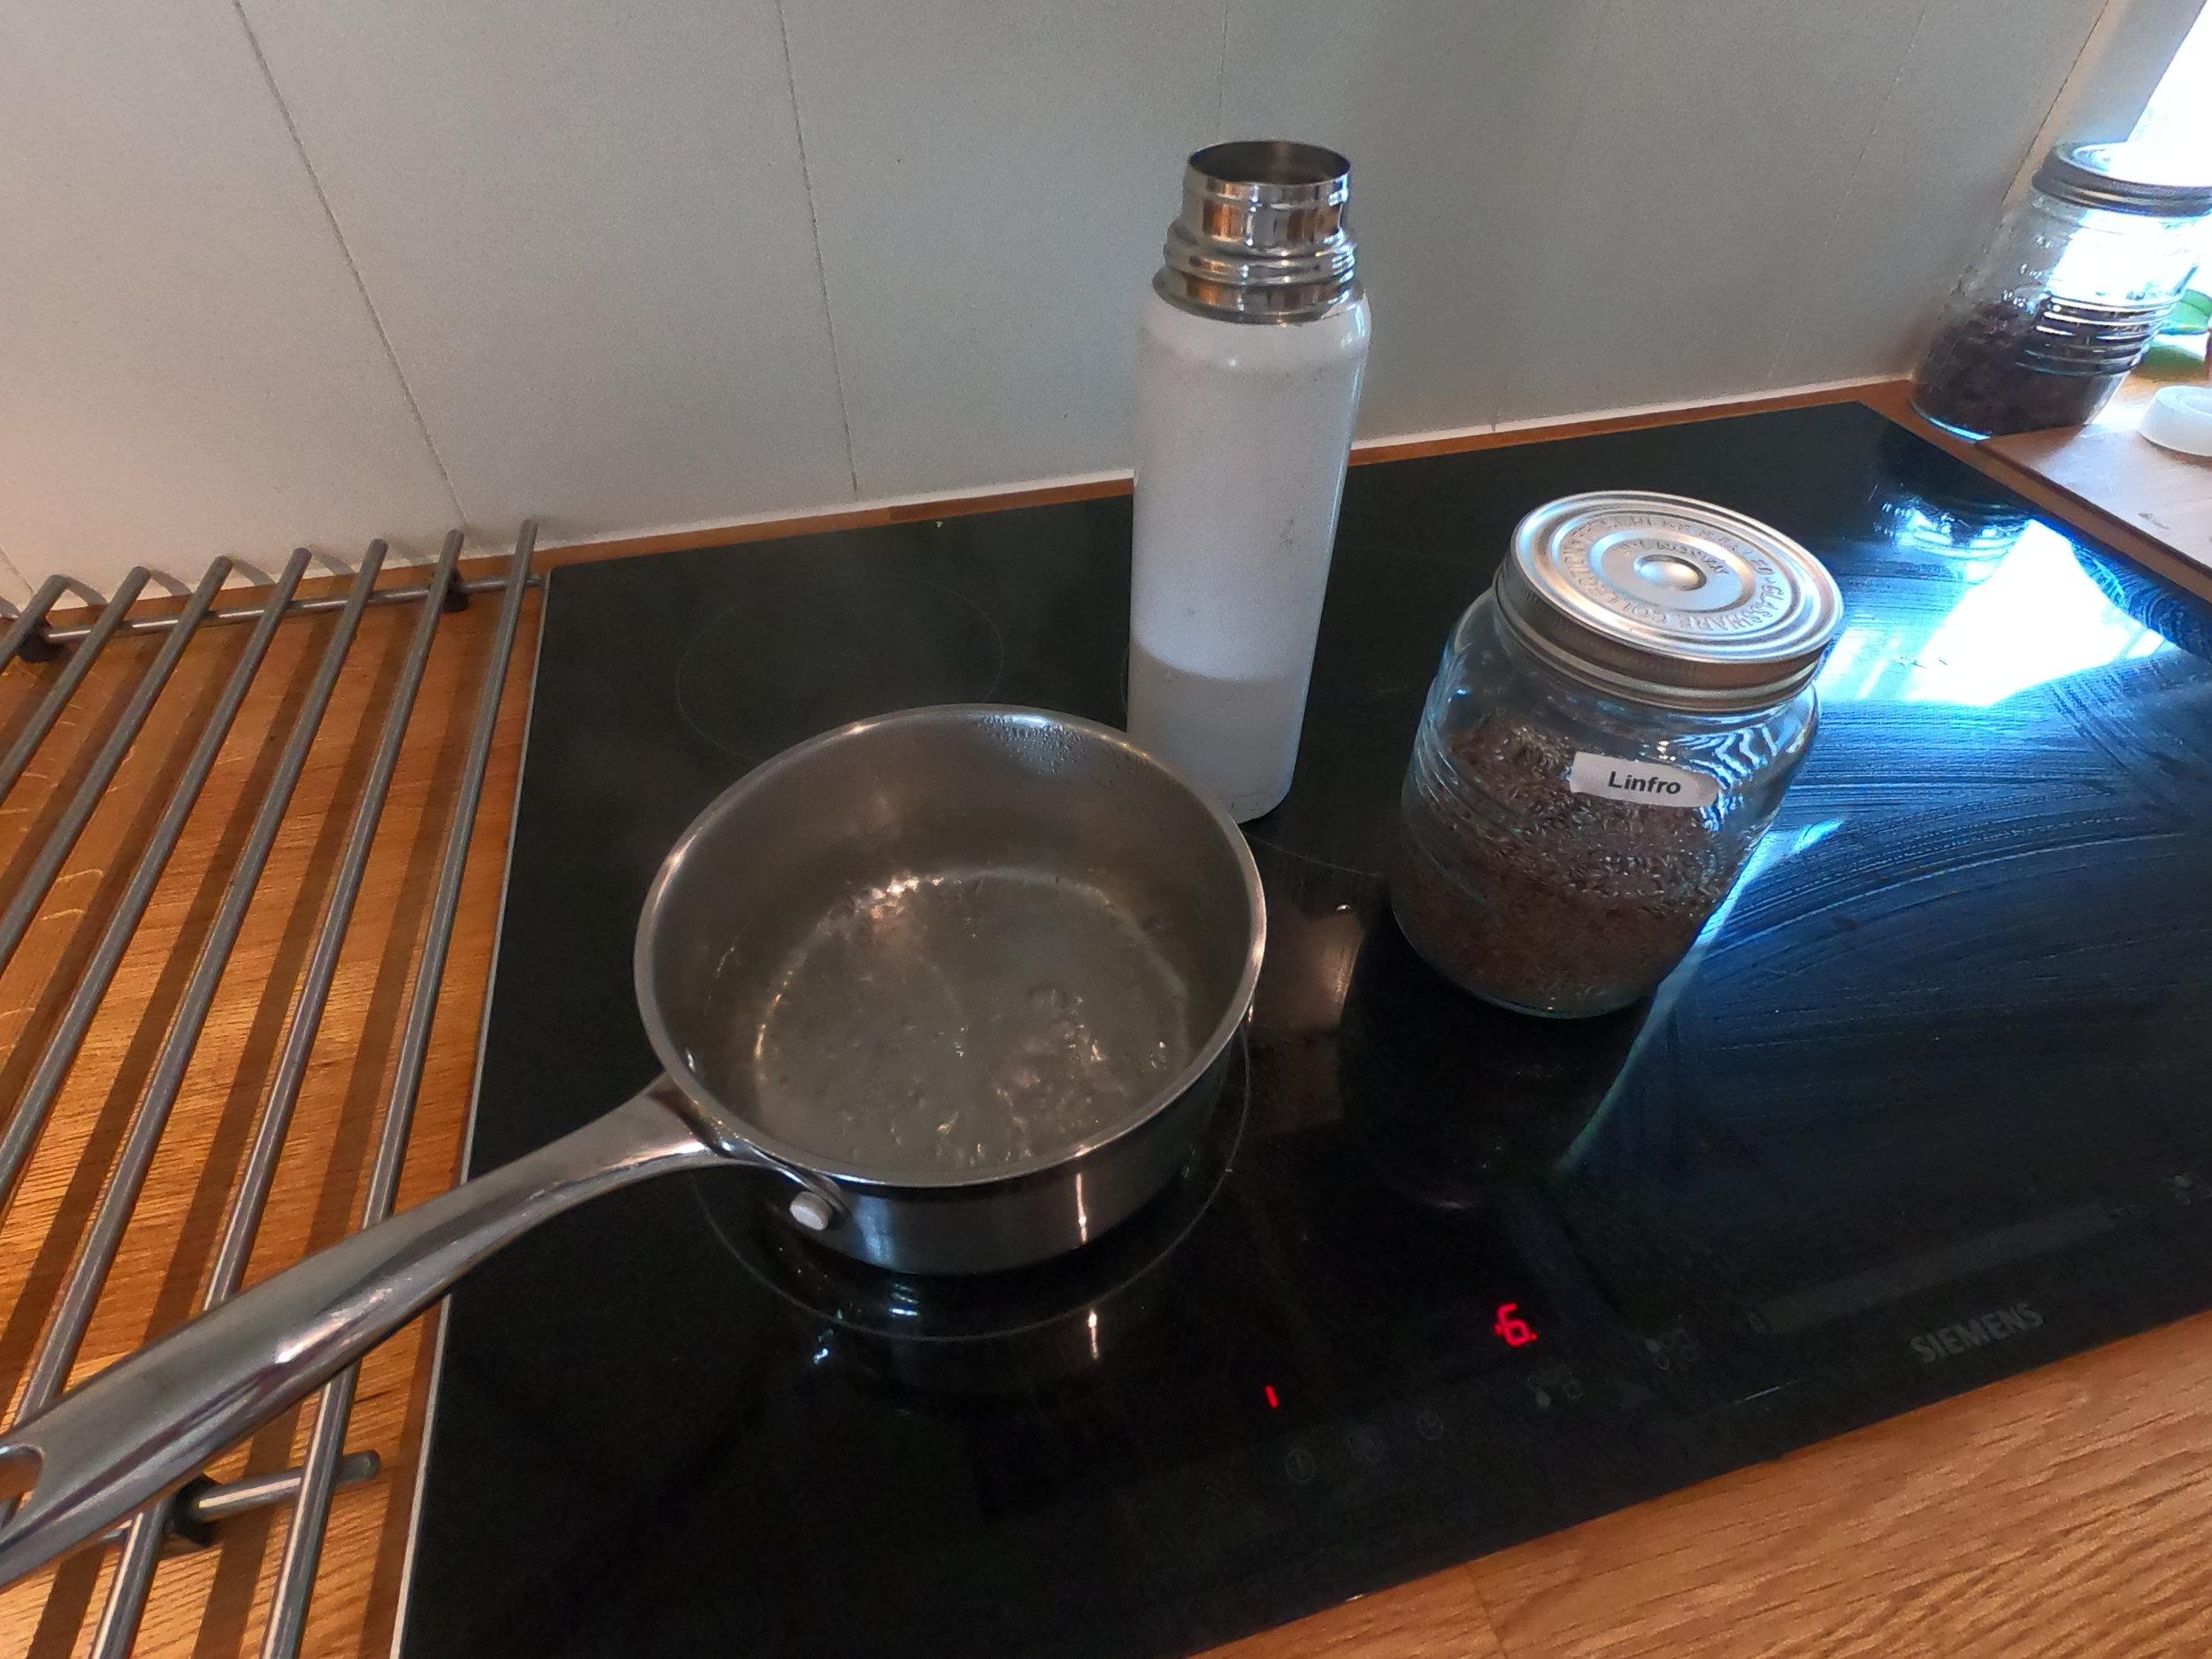 - Fyll en termos med vann. Hell over på kjele og tilsett 2ss med linfrø (økologisk). Rør litt mens det småkoker i 15minutter.